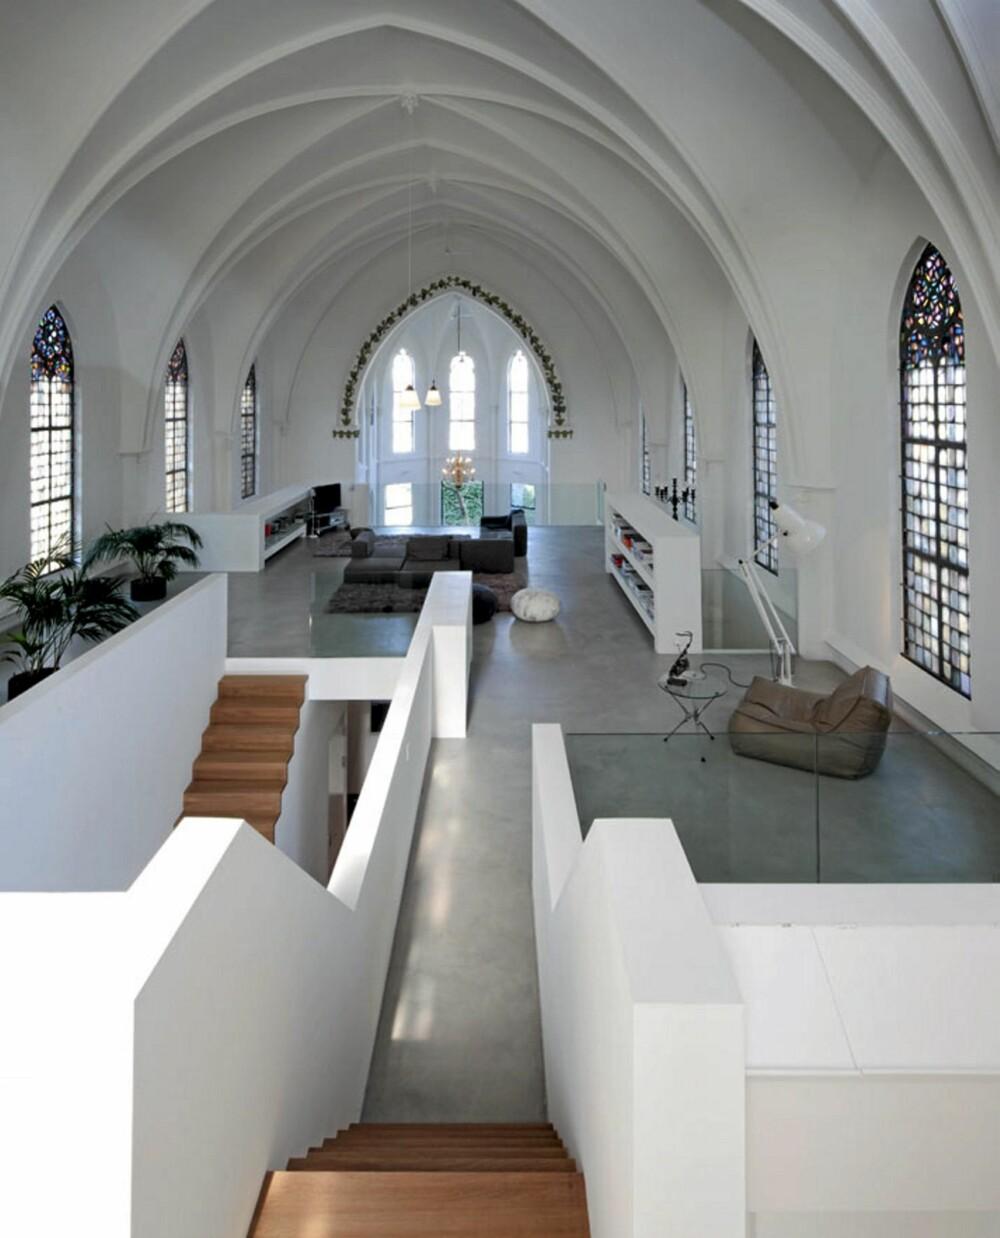 OPP EN TRAPP: Ved hjelp av en messanin har man skapt nivåer inne i kirkerommet.